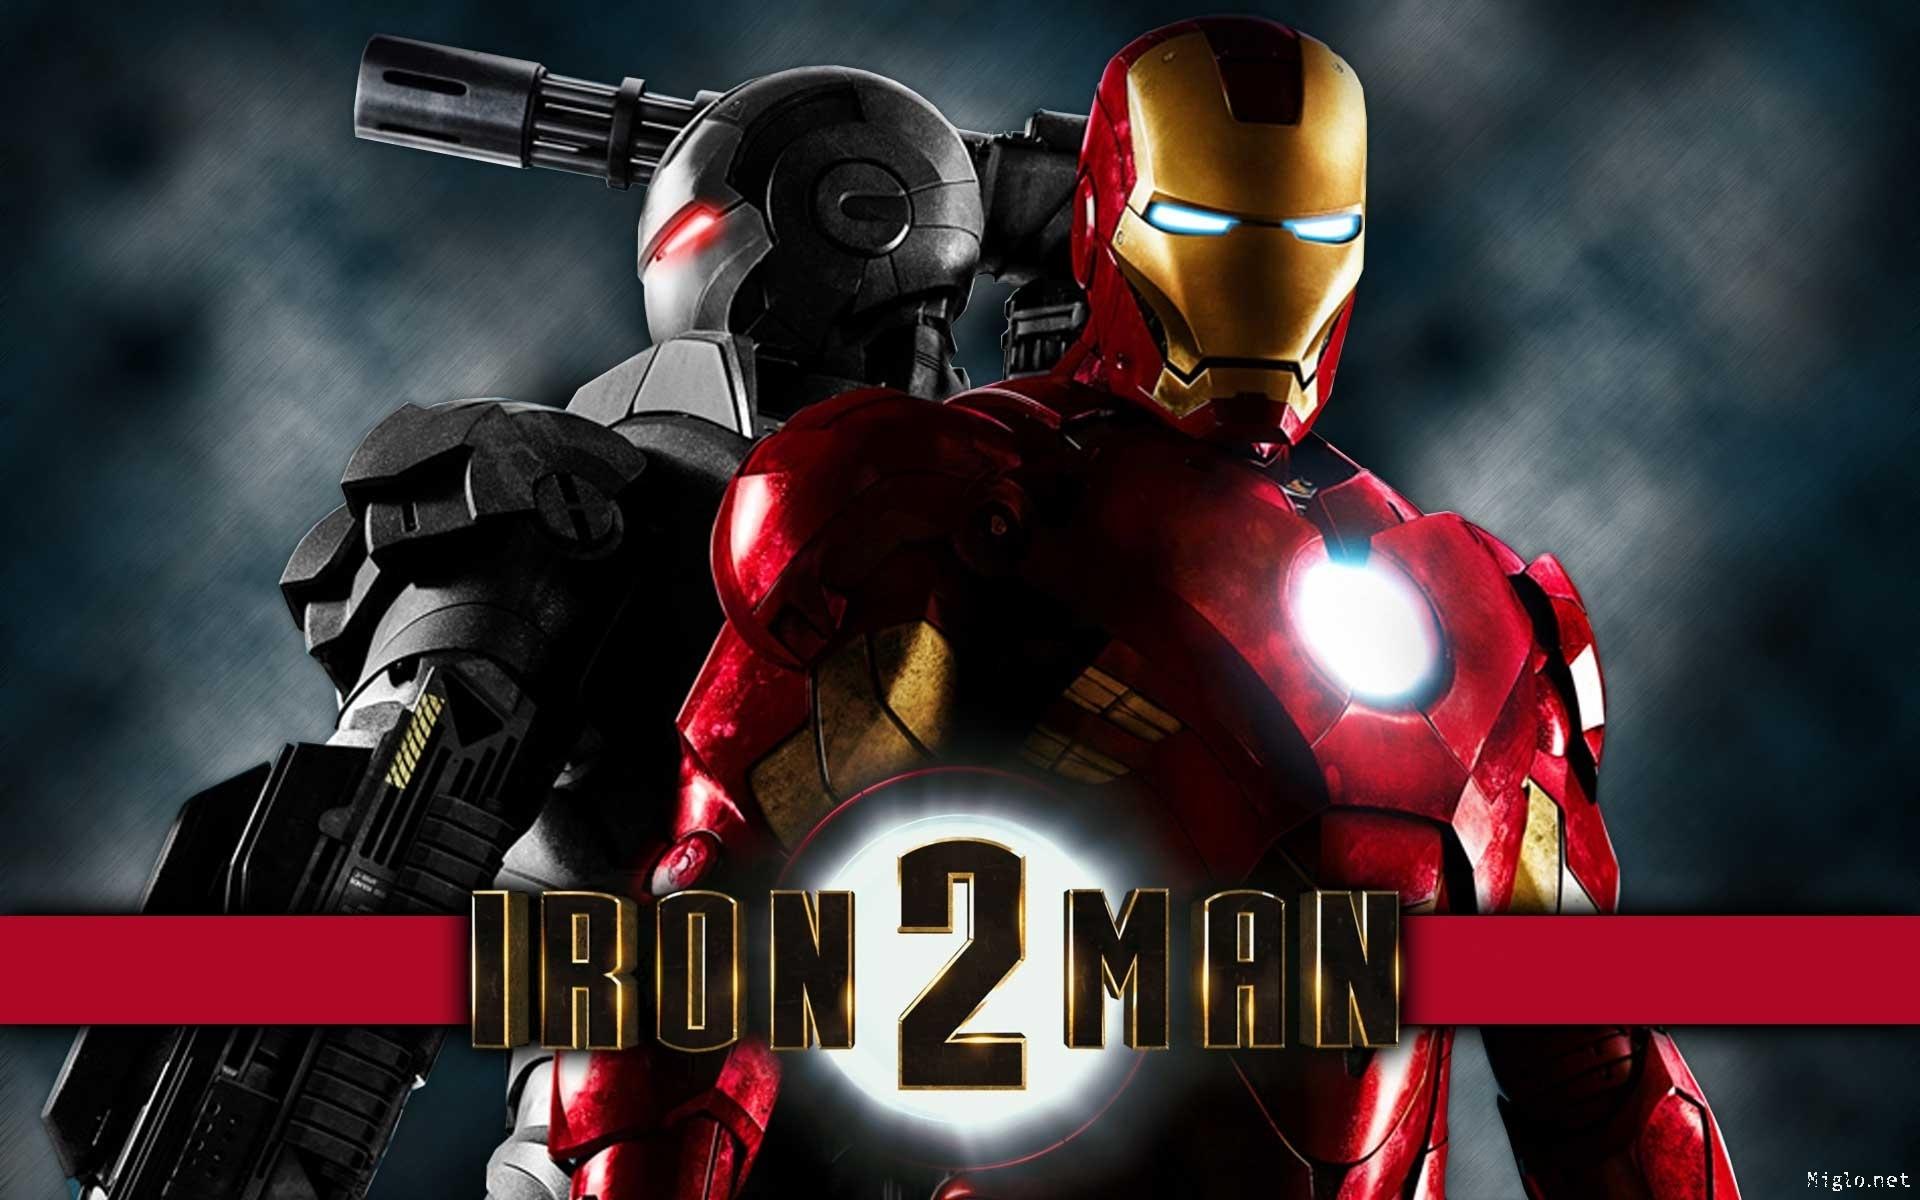 télécharger iron man 2 le film fond d'écran 1920x1200 fond d'écran